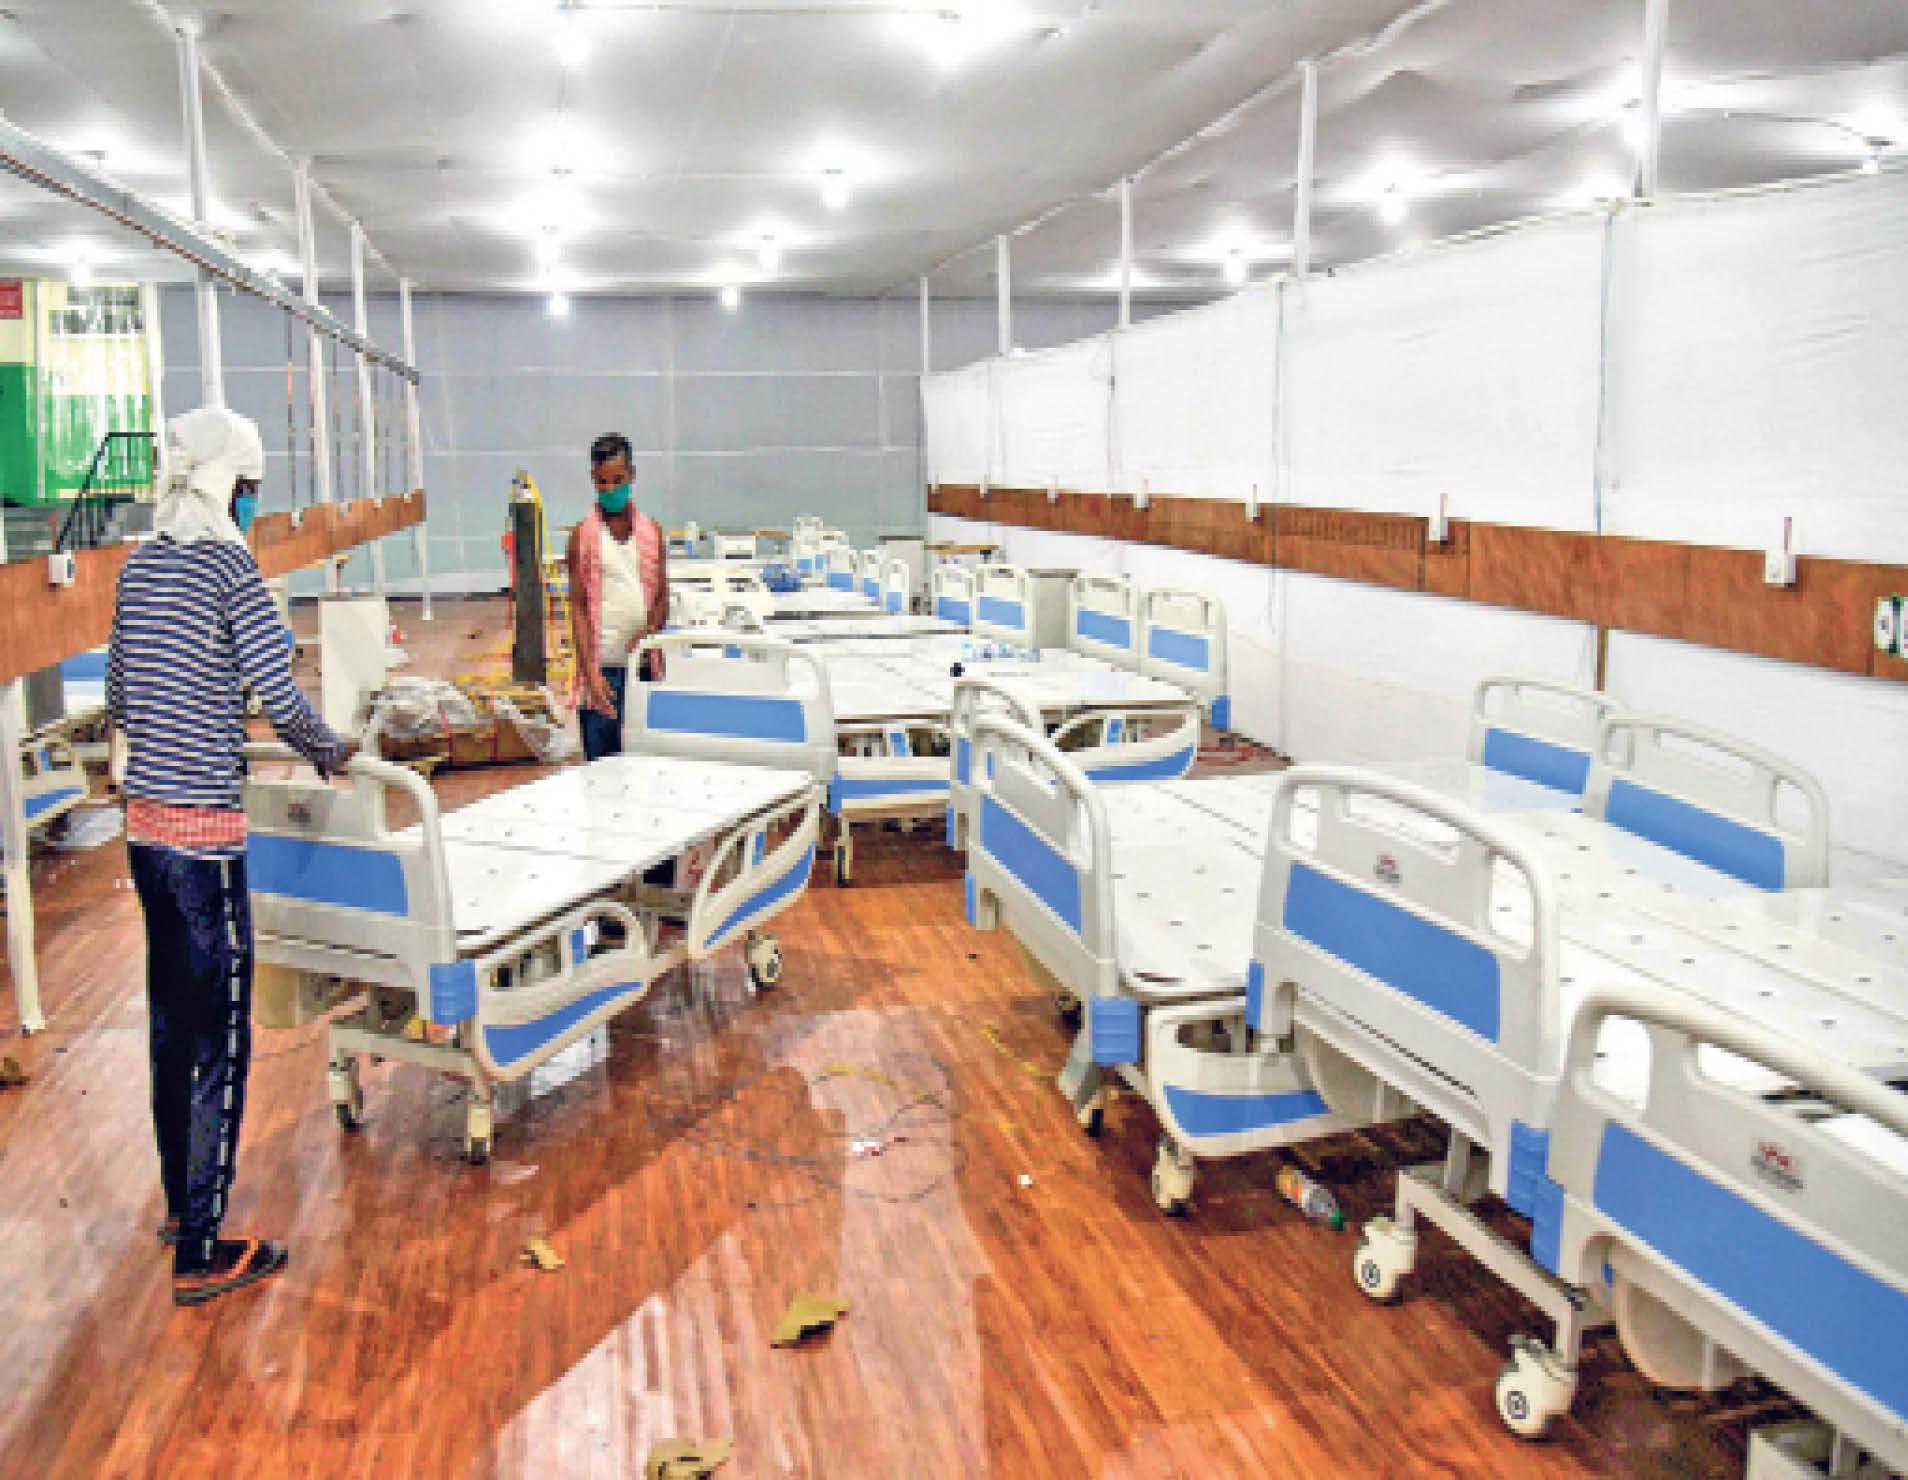 पटना के पाटलिपुत्र स्टेडियम में अस्थाई अस्पताल का निर्माण शुरू ऐसा ही मुजफ्फरपुर में भी बनेगा - Dainik Bhaskar